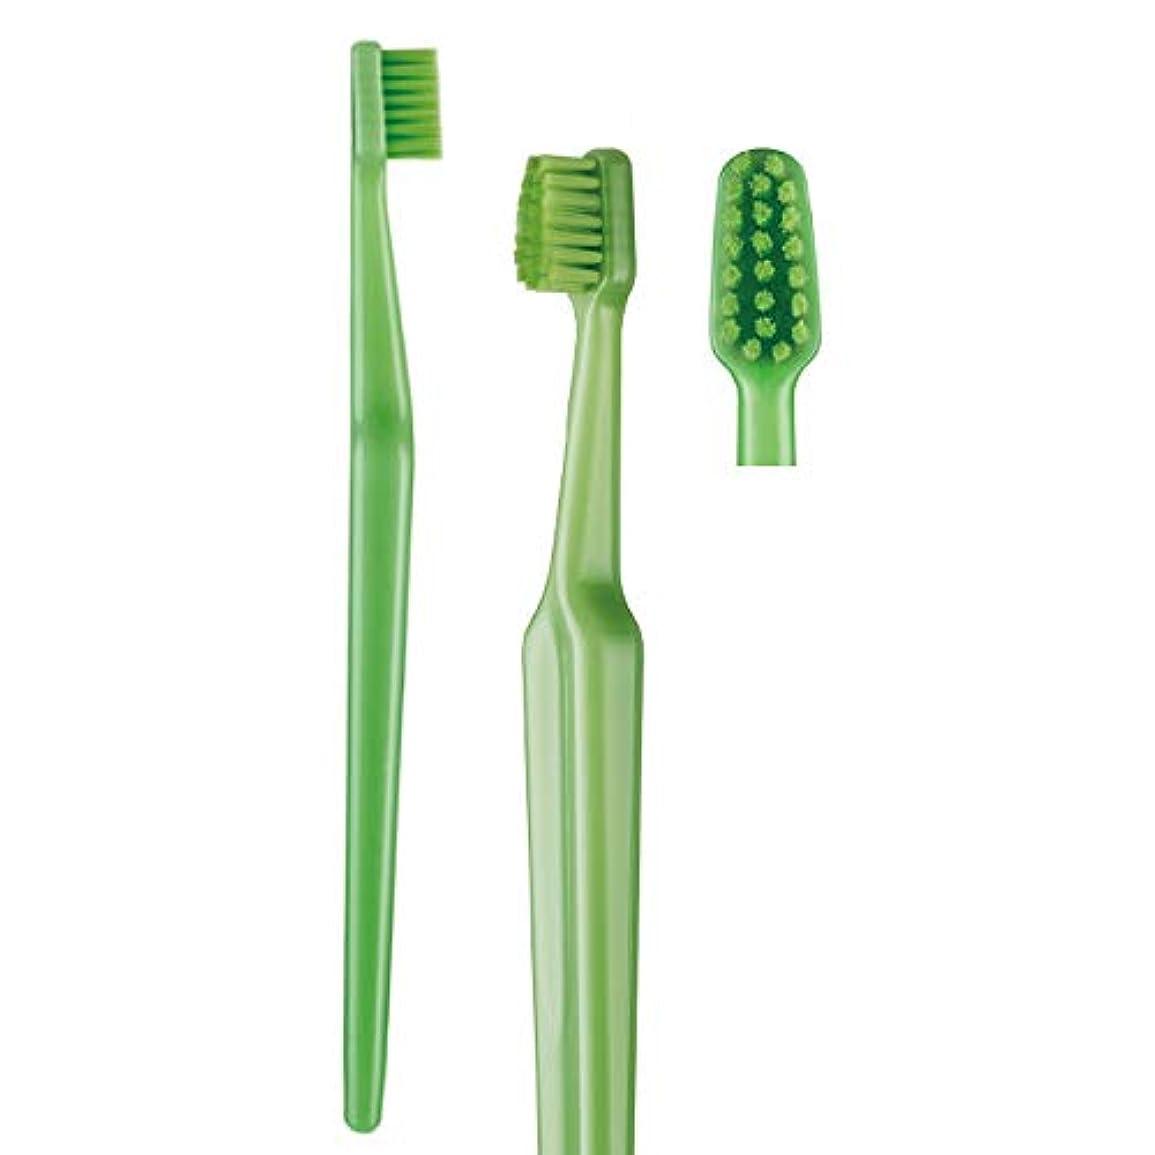 傀儡無線掃く歯科専売品 大人用歯ブラシ TePe GOOD (グッド) ミニ エクストラソフト(超やわらかめ) ヘッド小 1本